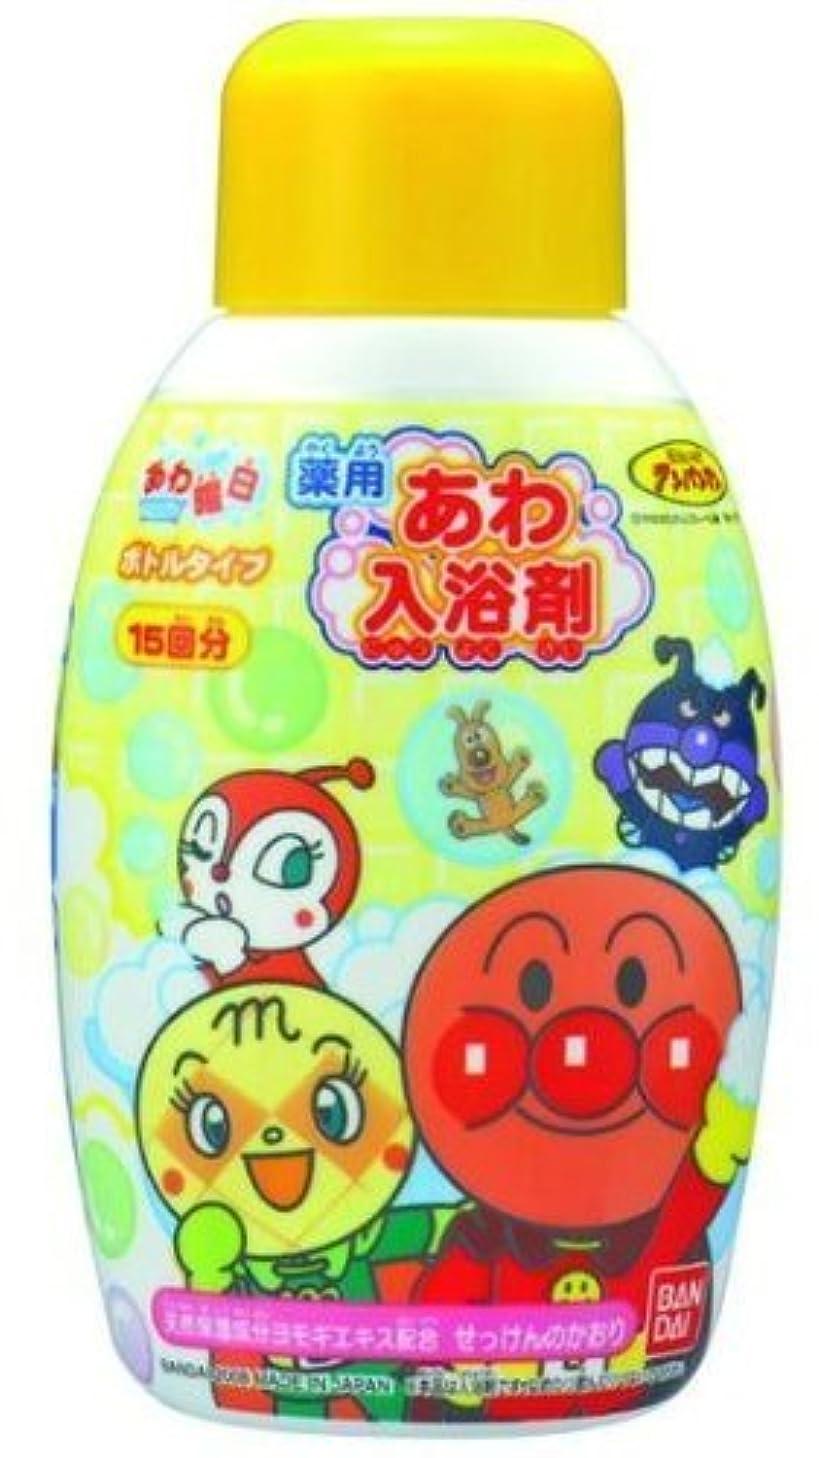 集団導体対あわ入浴剤ボトルタイプ アンパンマン × 10個